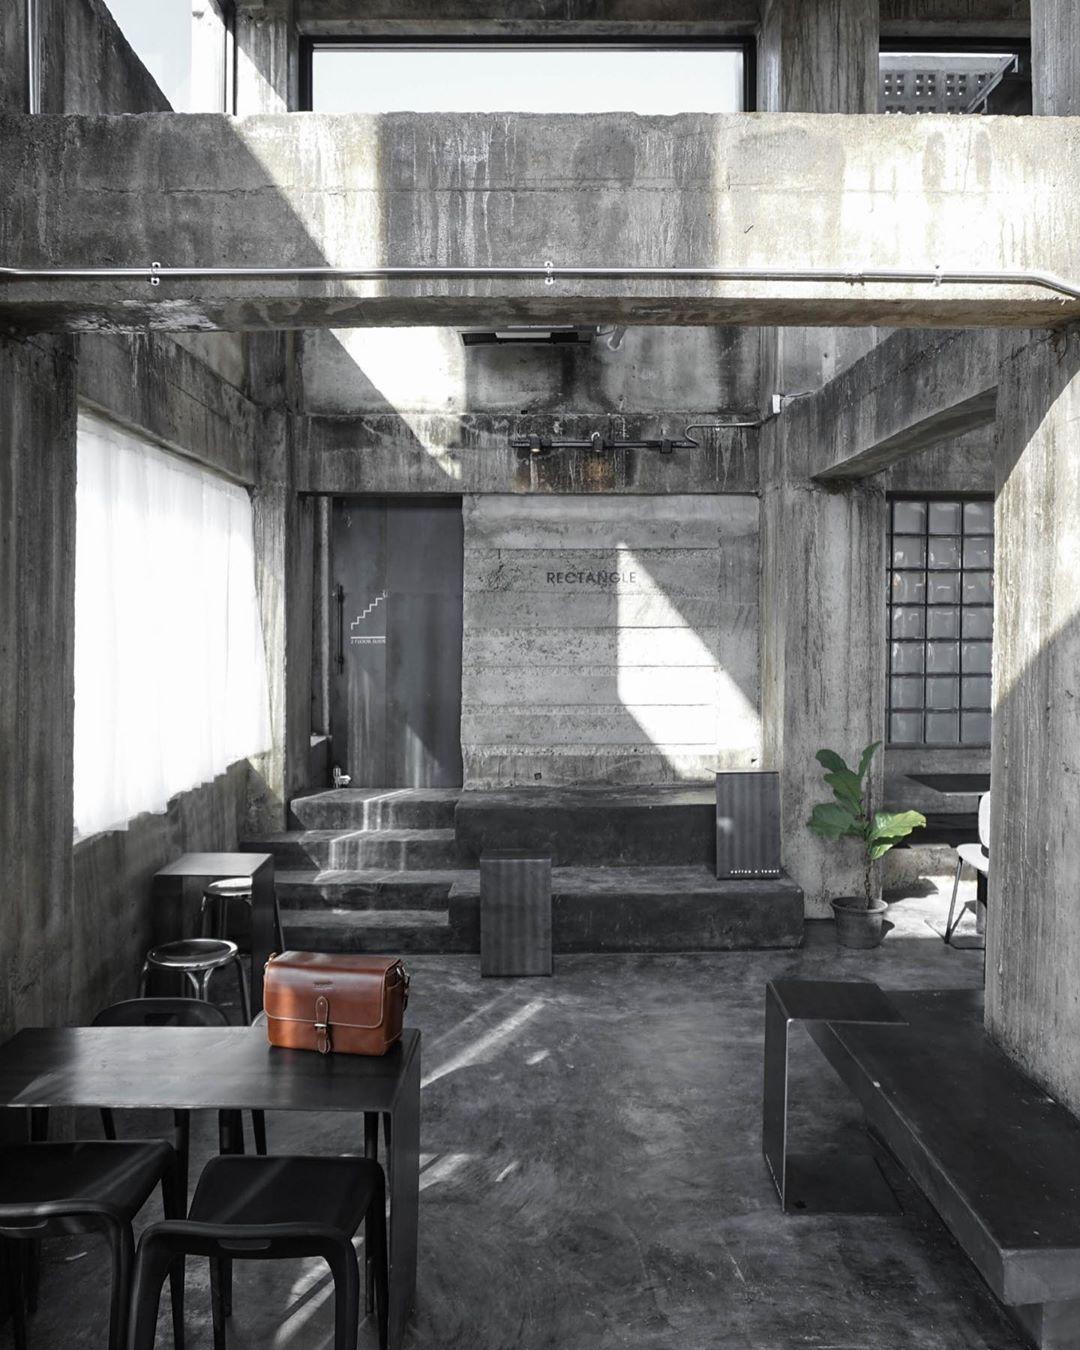 Nội thất bên trong của quán có 2 màu chủ đạo tương đương là đen và xám. Ảnh: @theaoraiir/Instagram